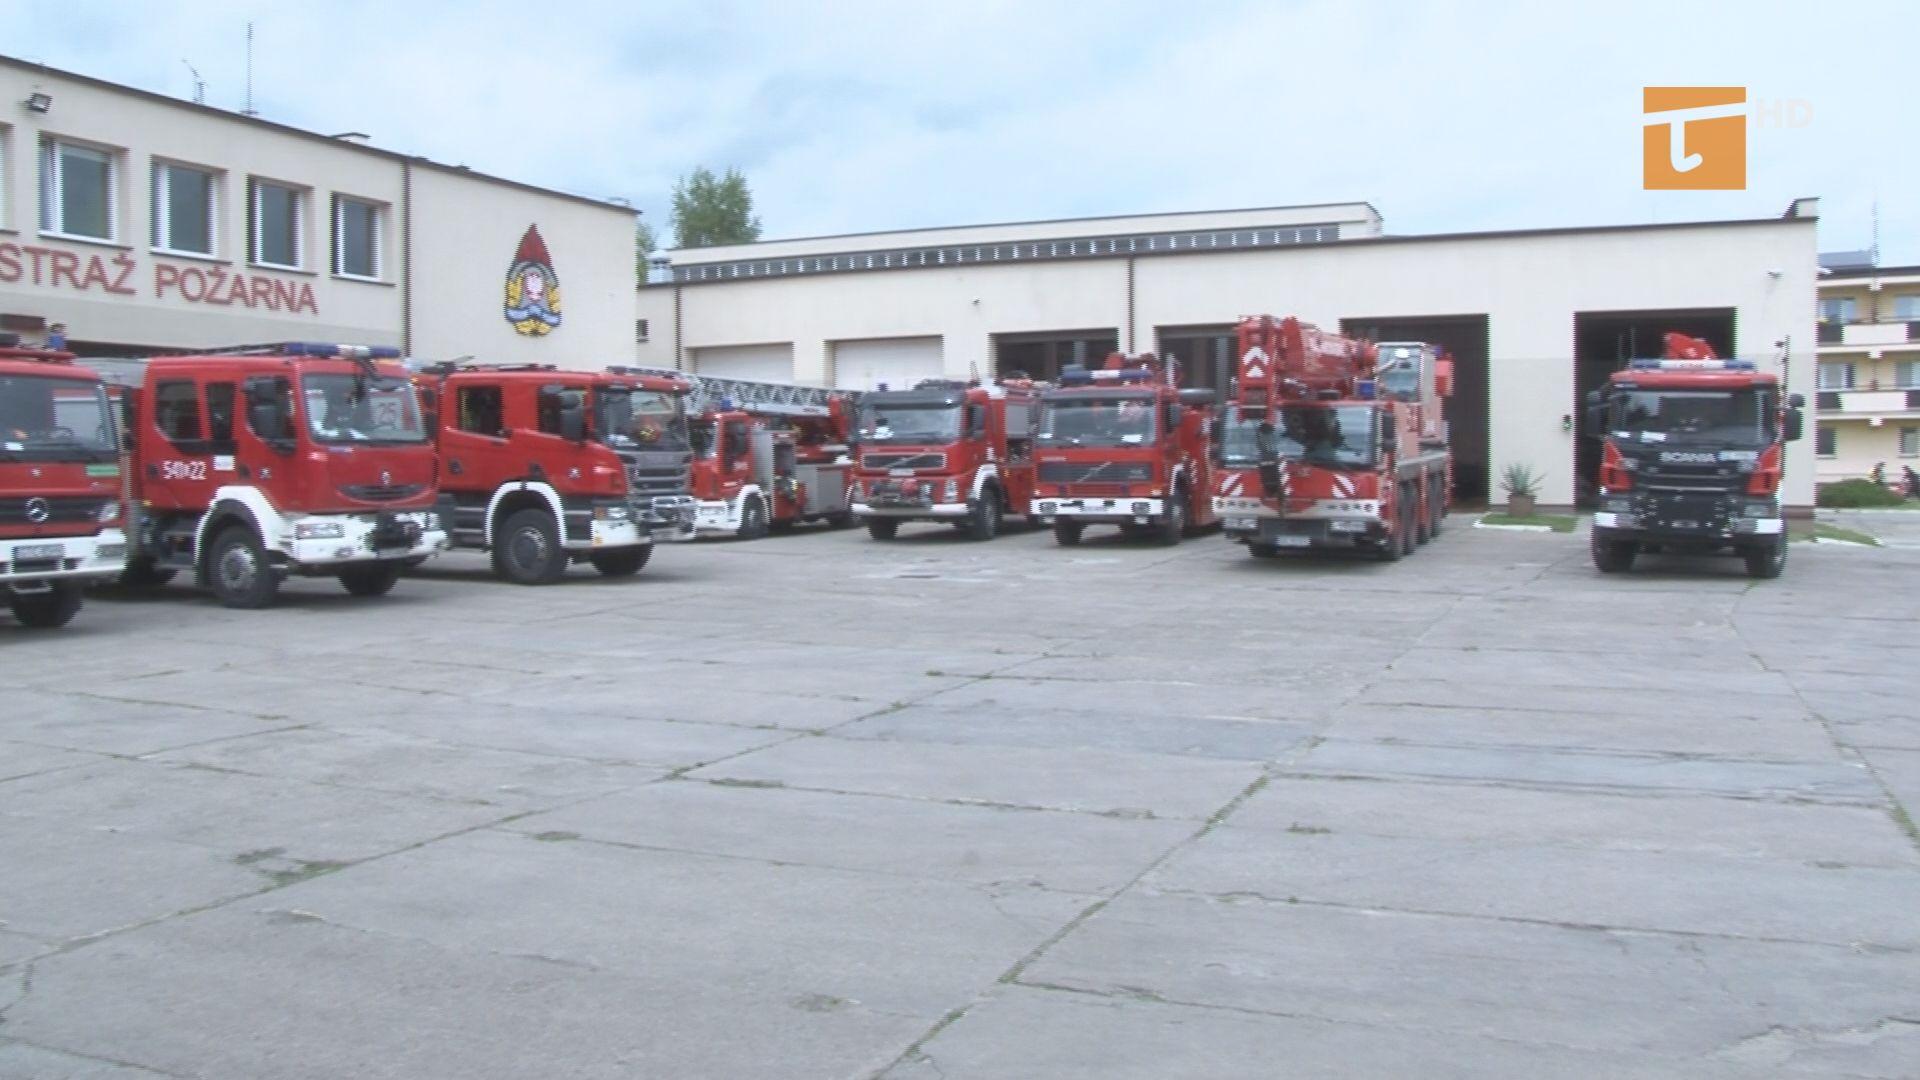 Około półtora miliona złotych kosztować będzie remont placu manewrowego straży pożarnej